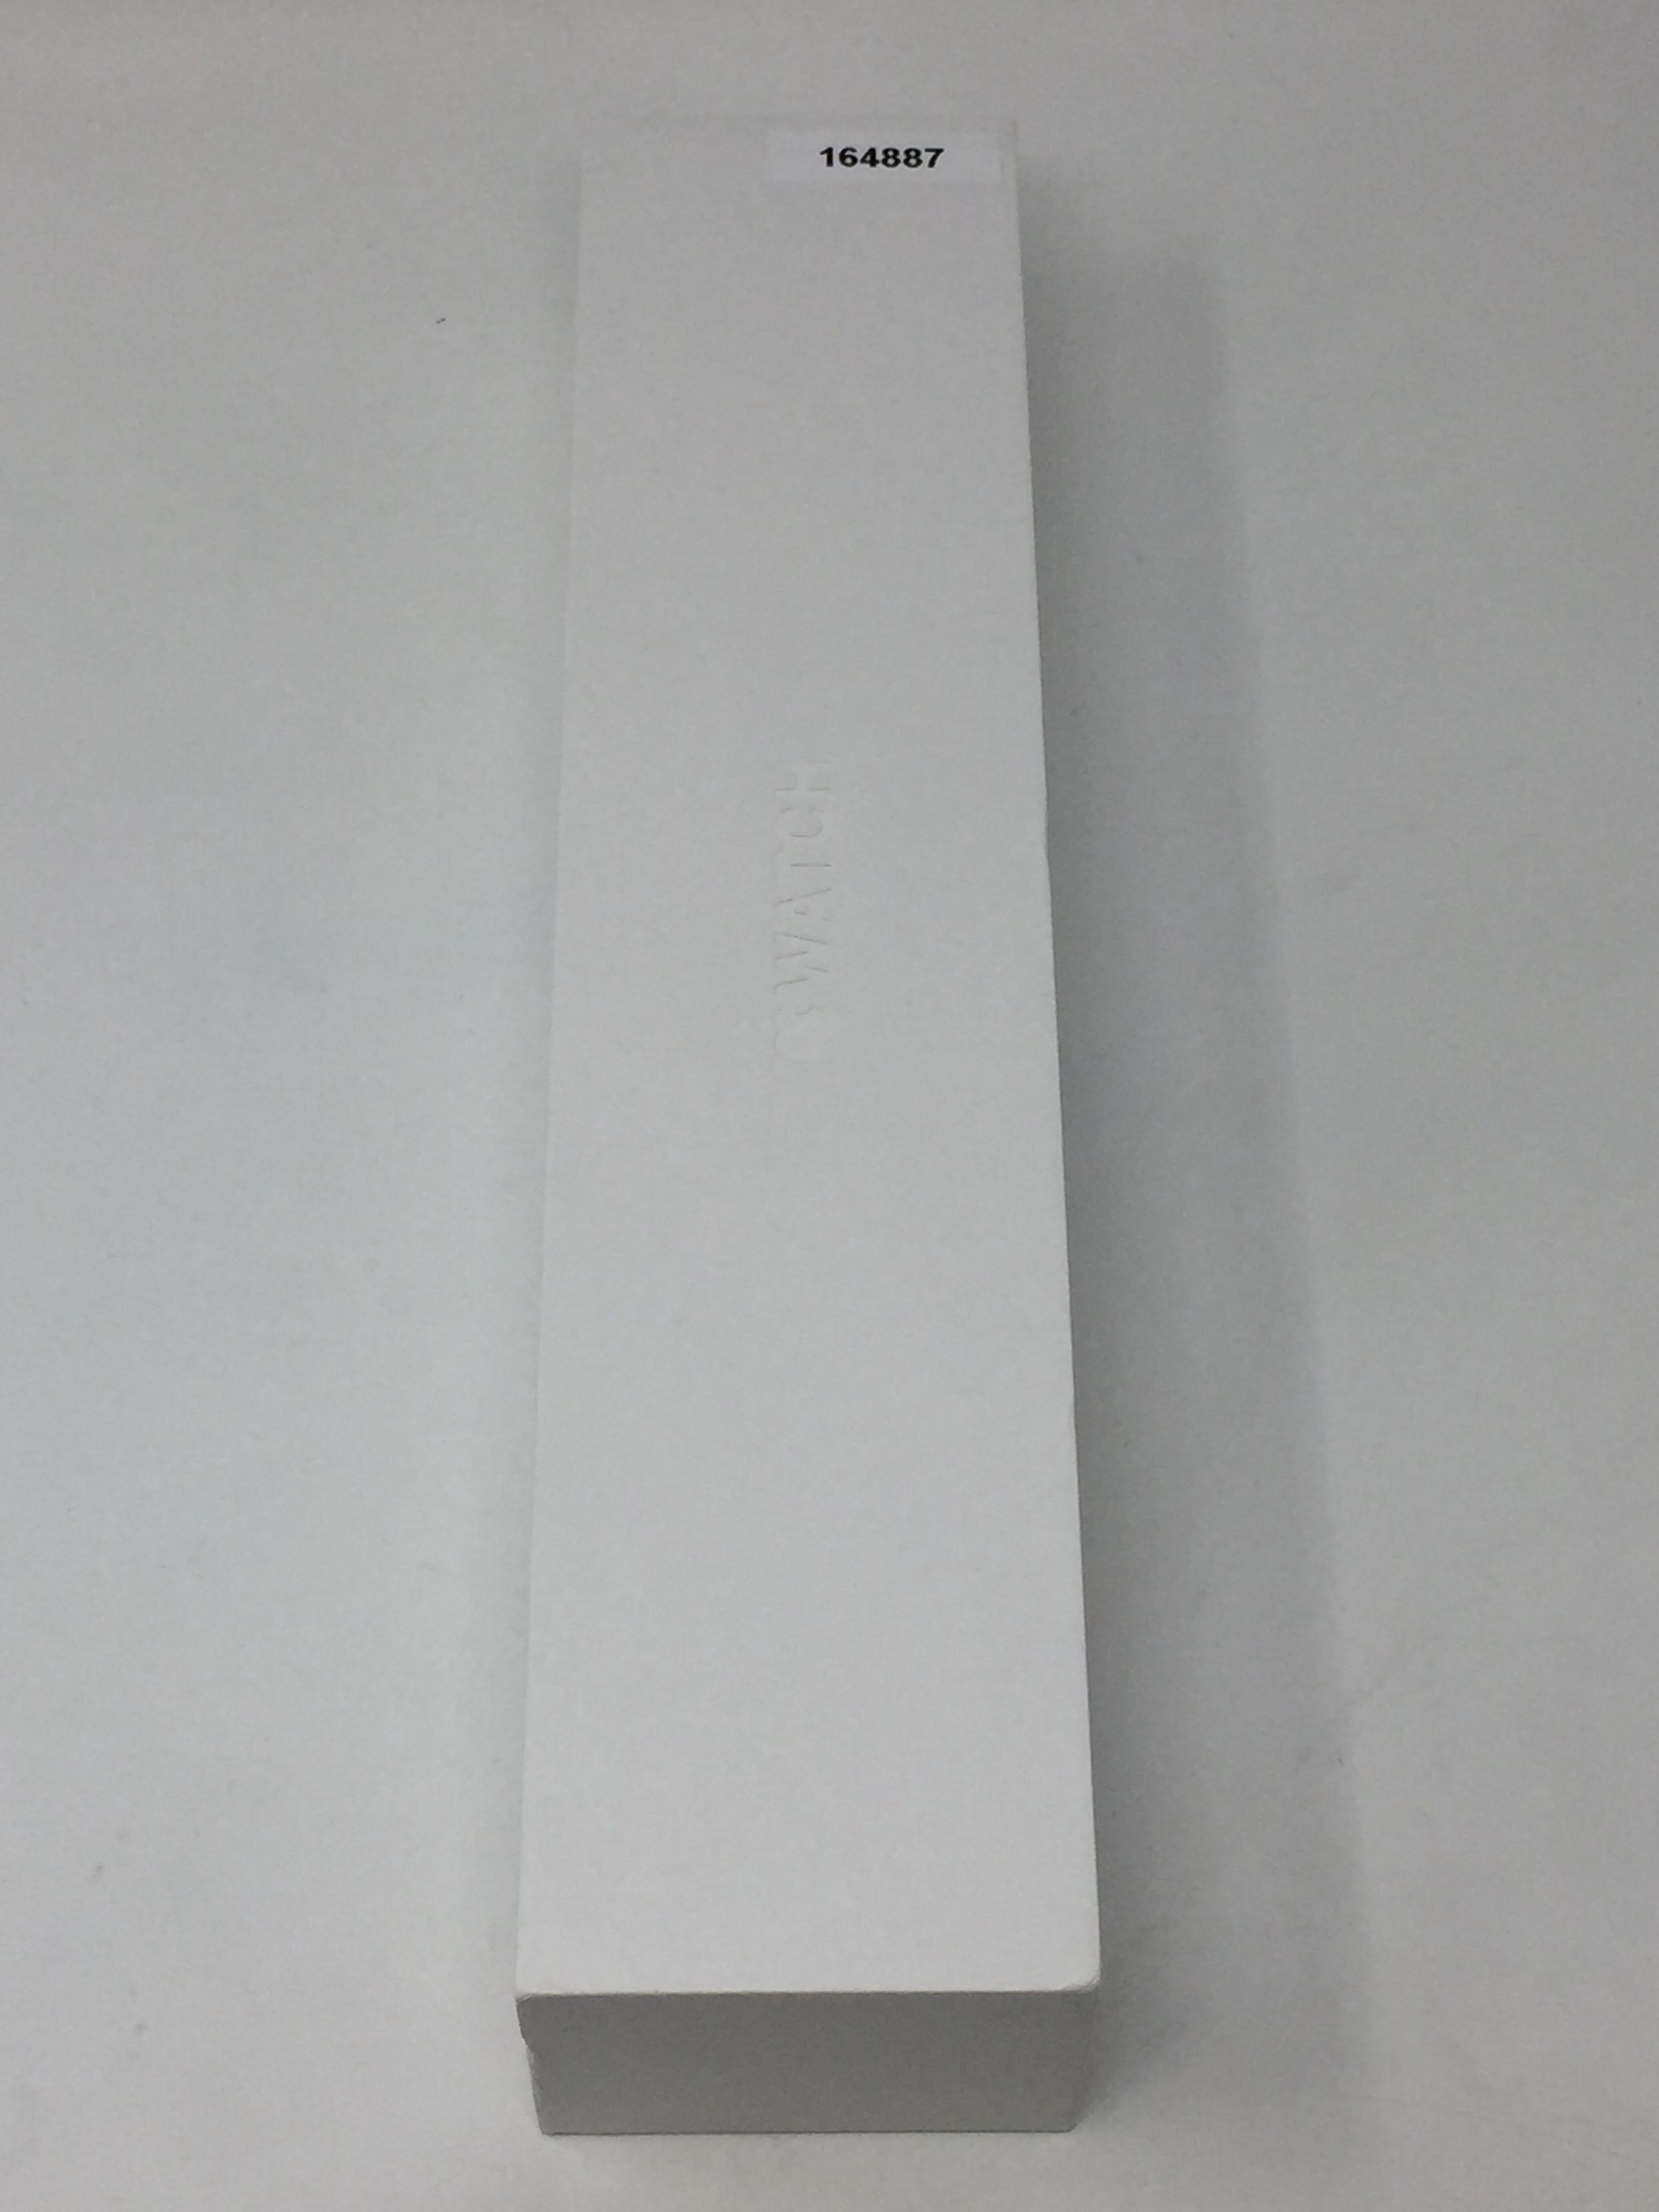 Watch Series 2 Aluminum (42mm), WHITE, Kuva 7